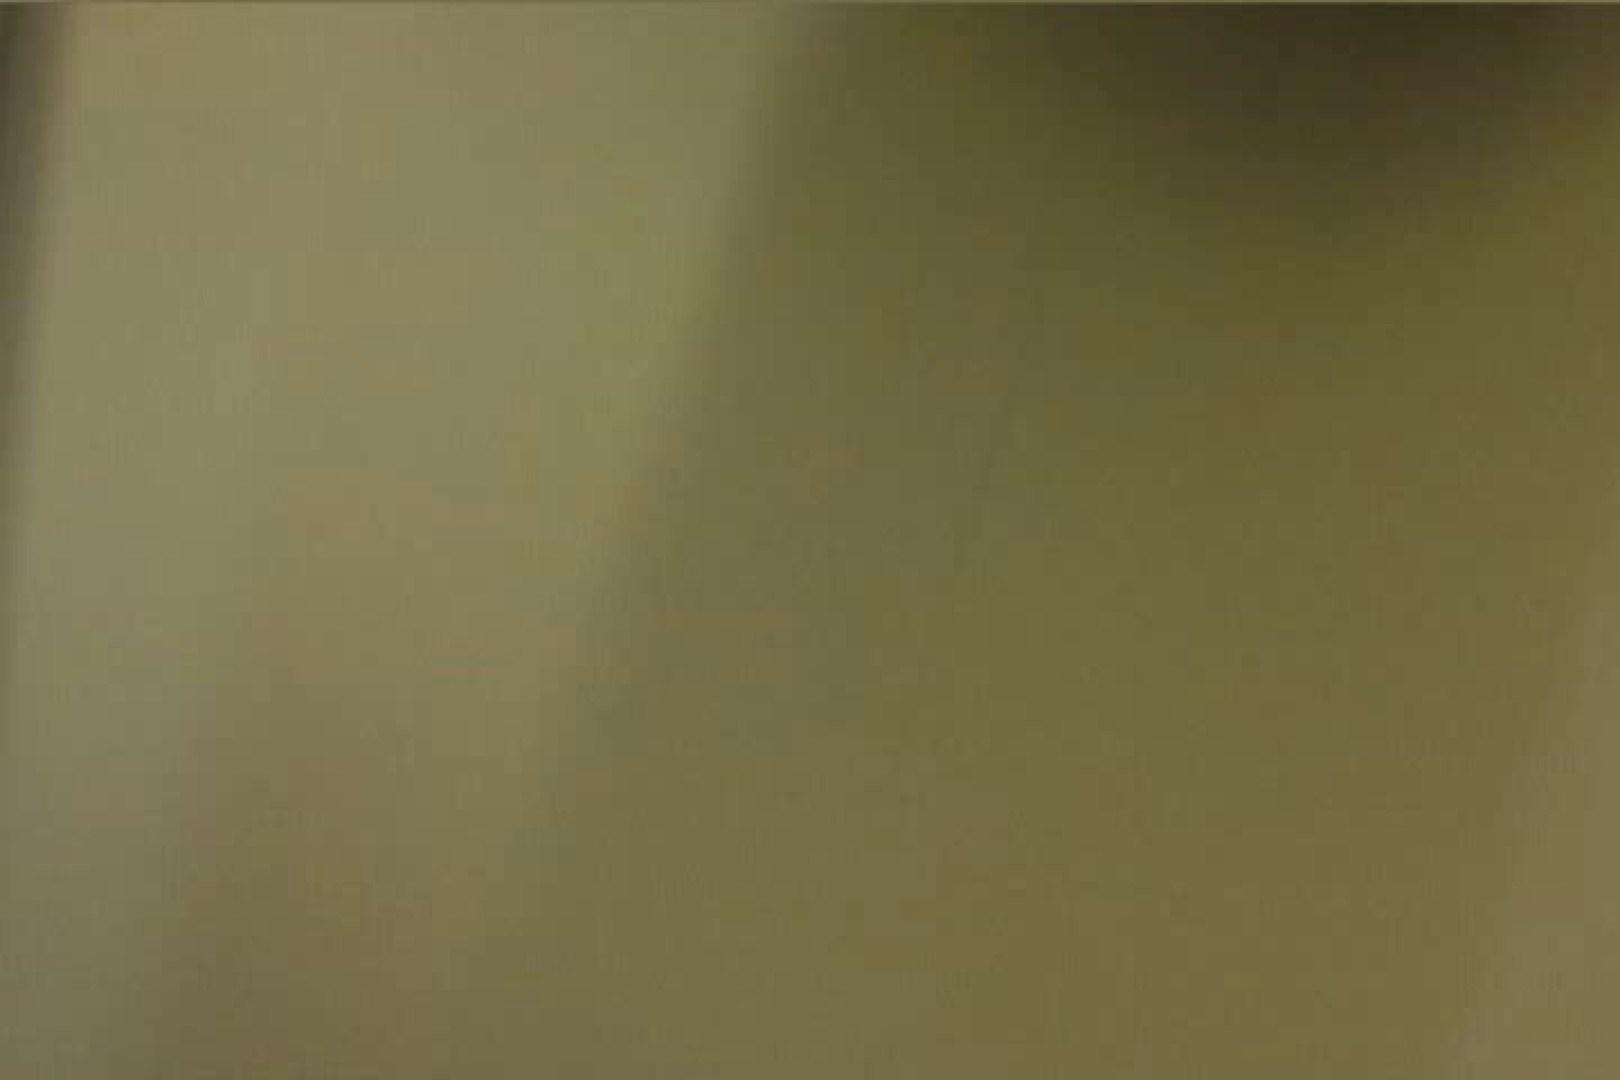 マンコ丸見え女子洗面所Vol.29 プライベート  92画像 65